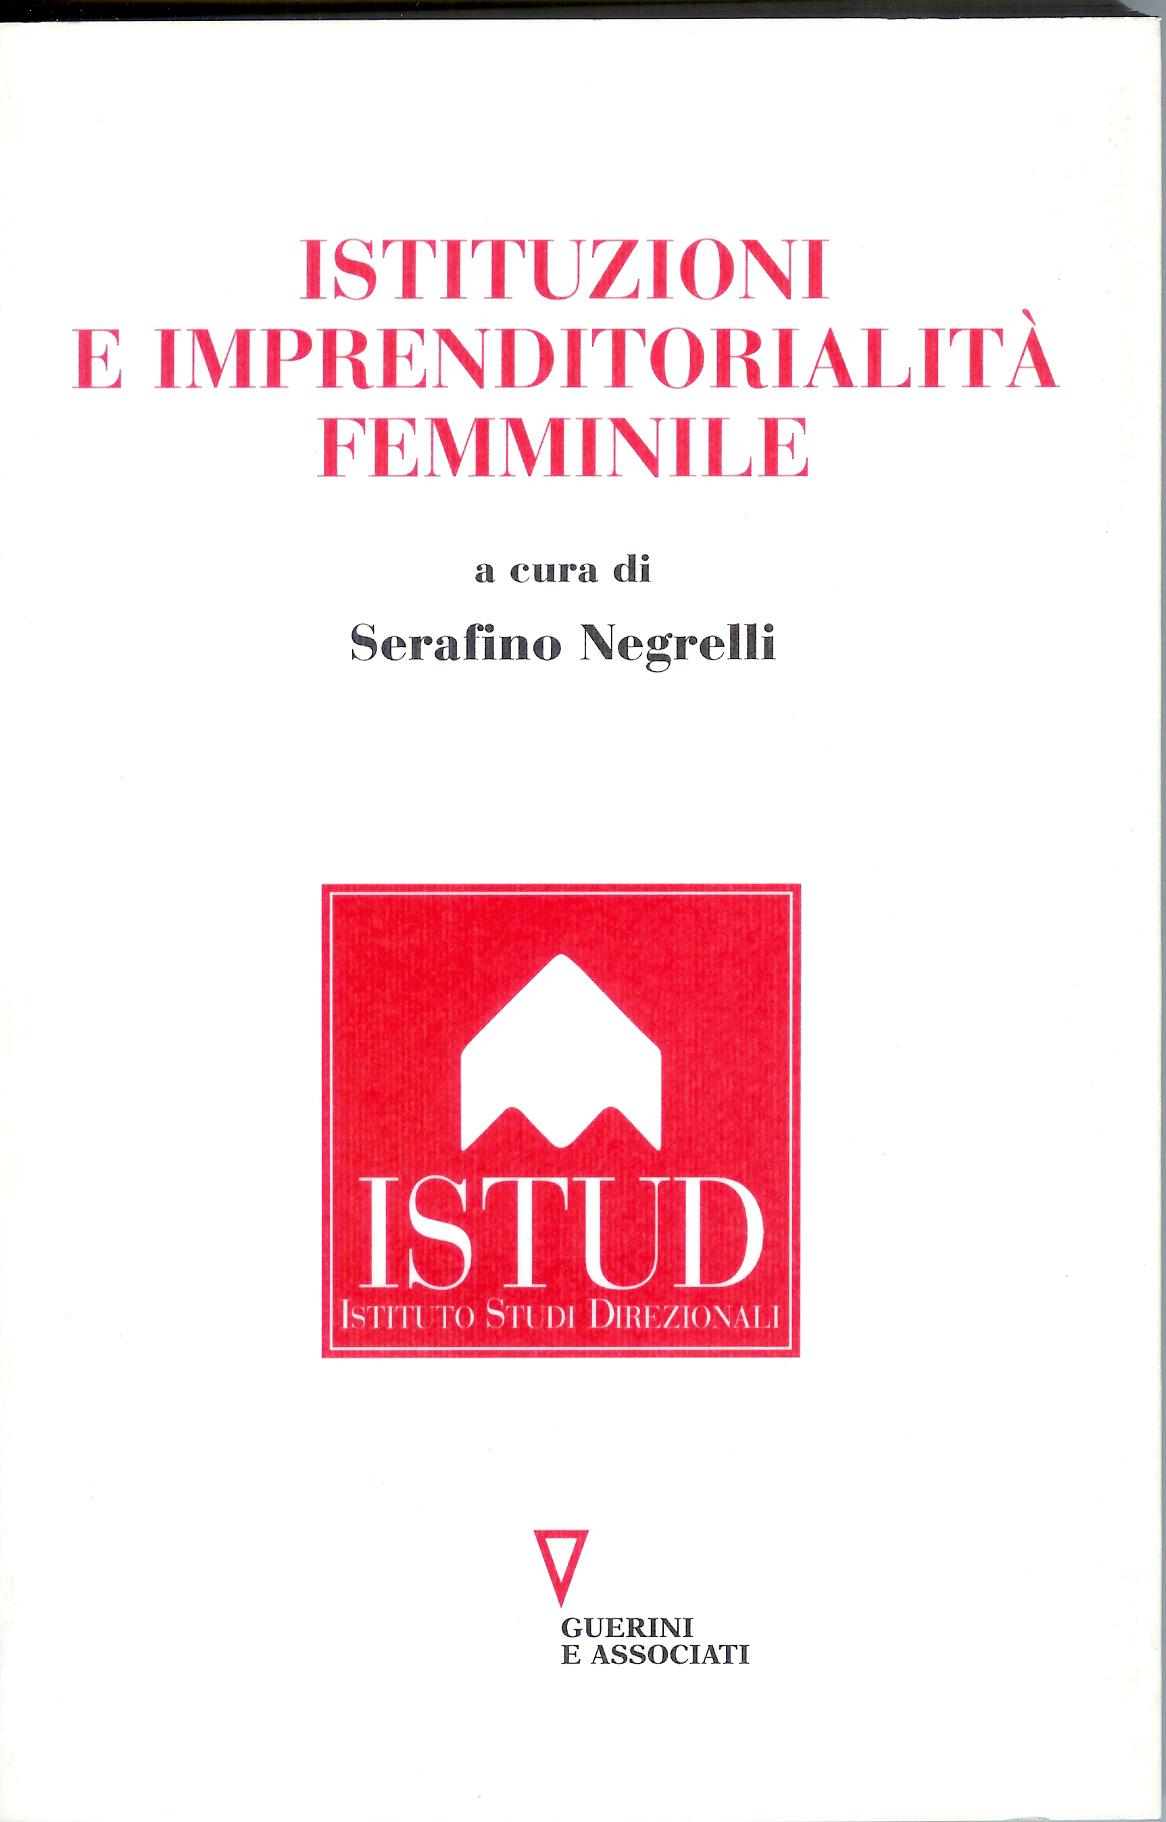 Istituzioni e imprenditorialità femminile